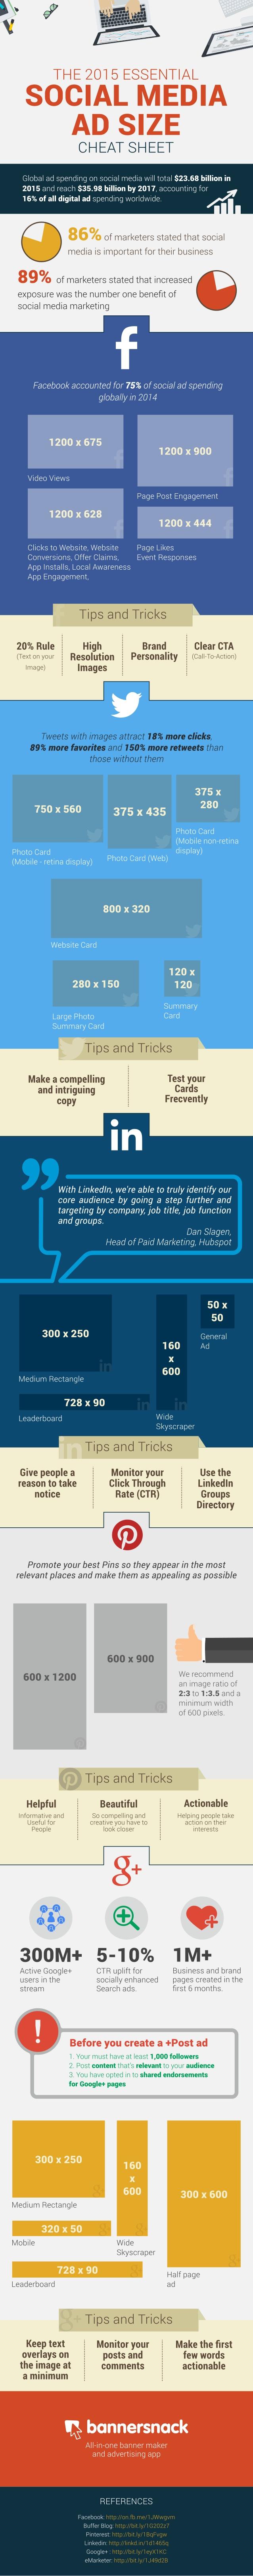 Tamaños de publicidad en Redes Sociales